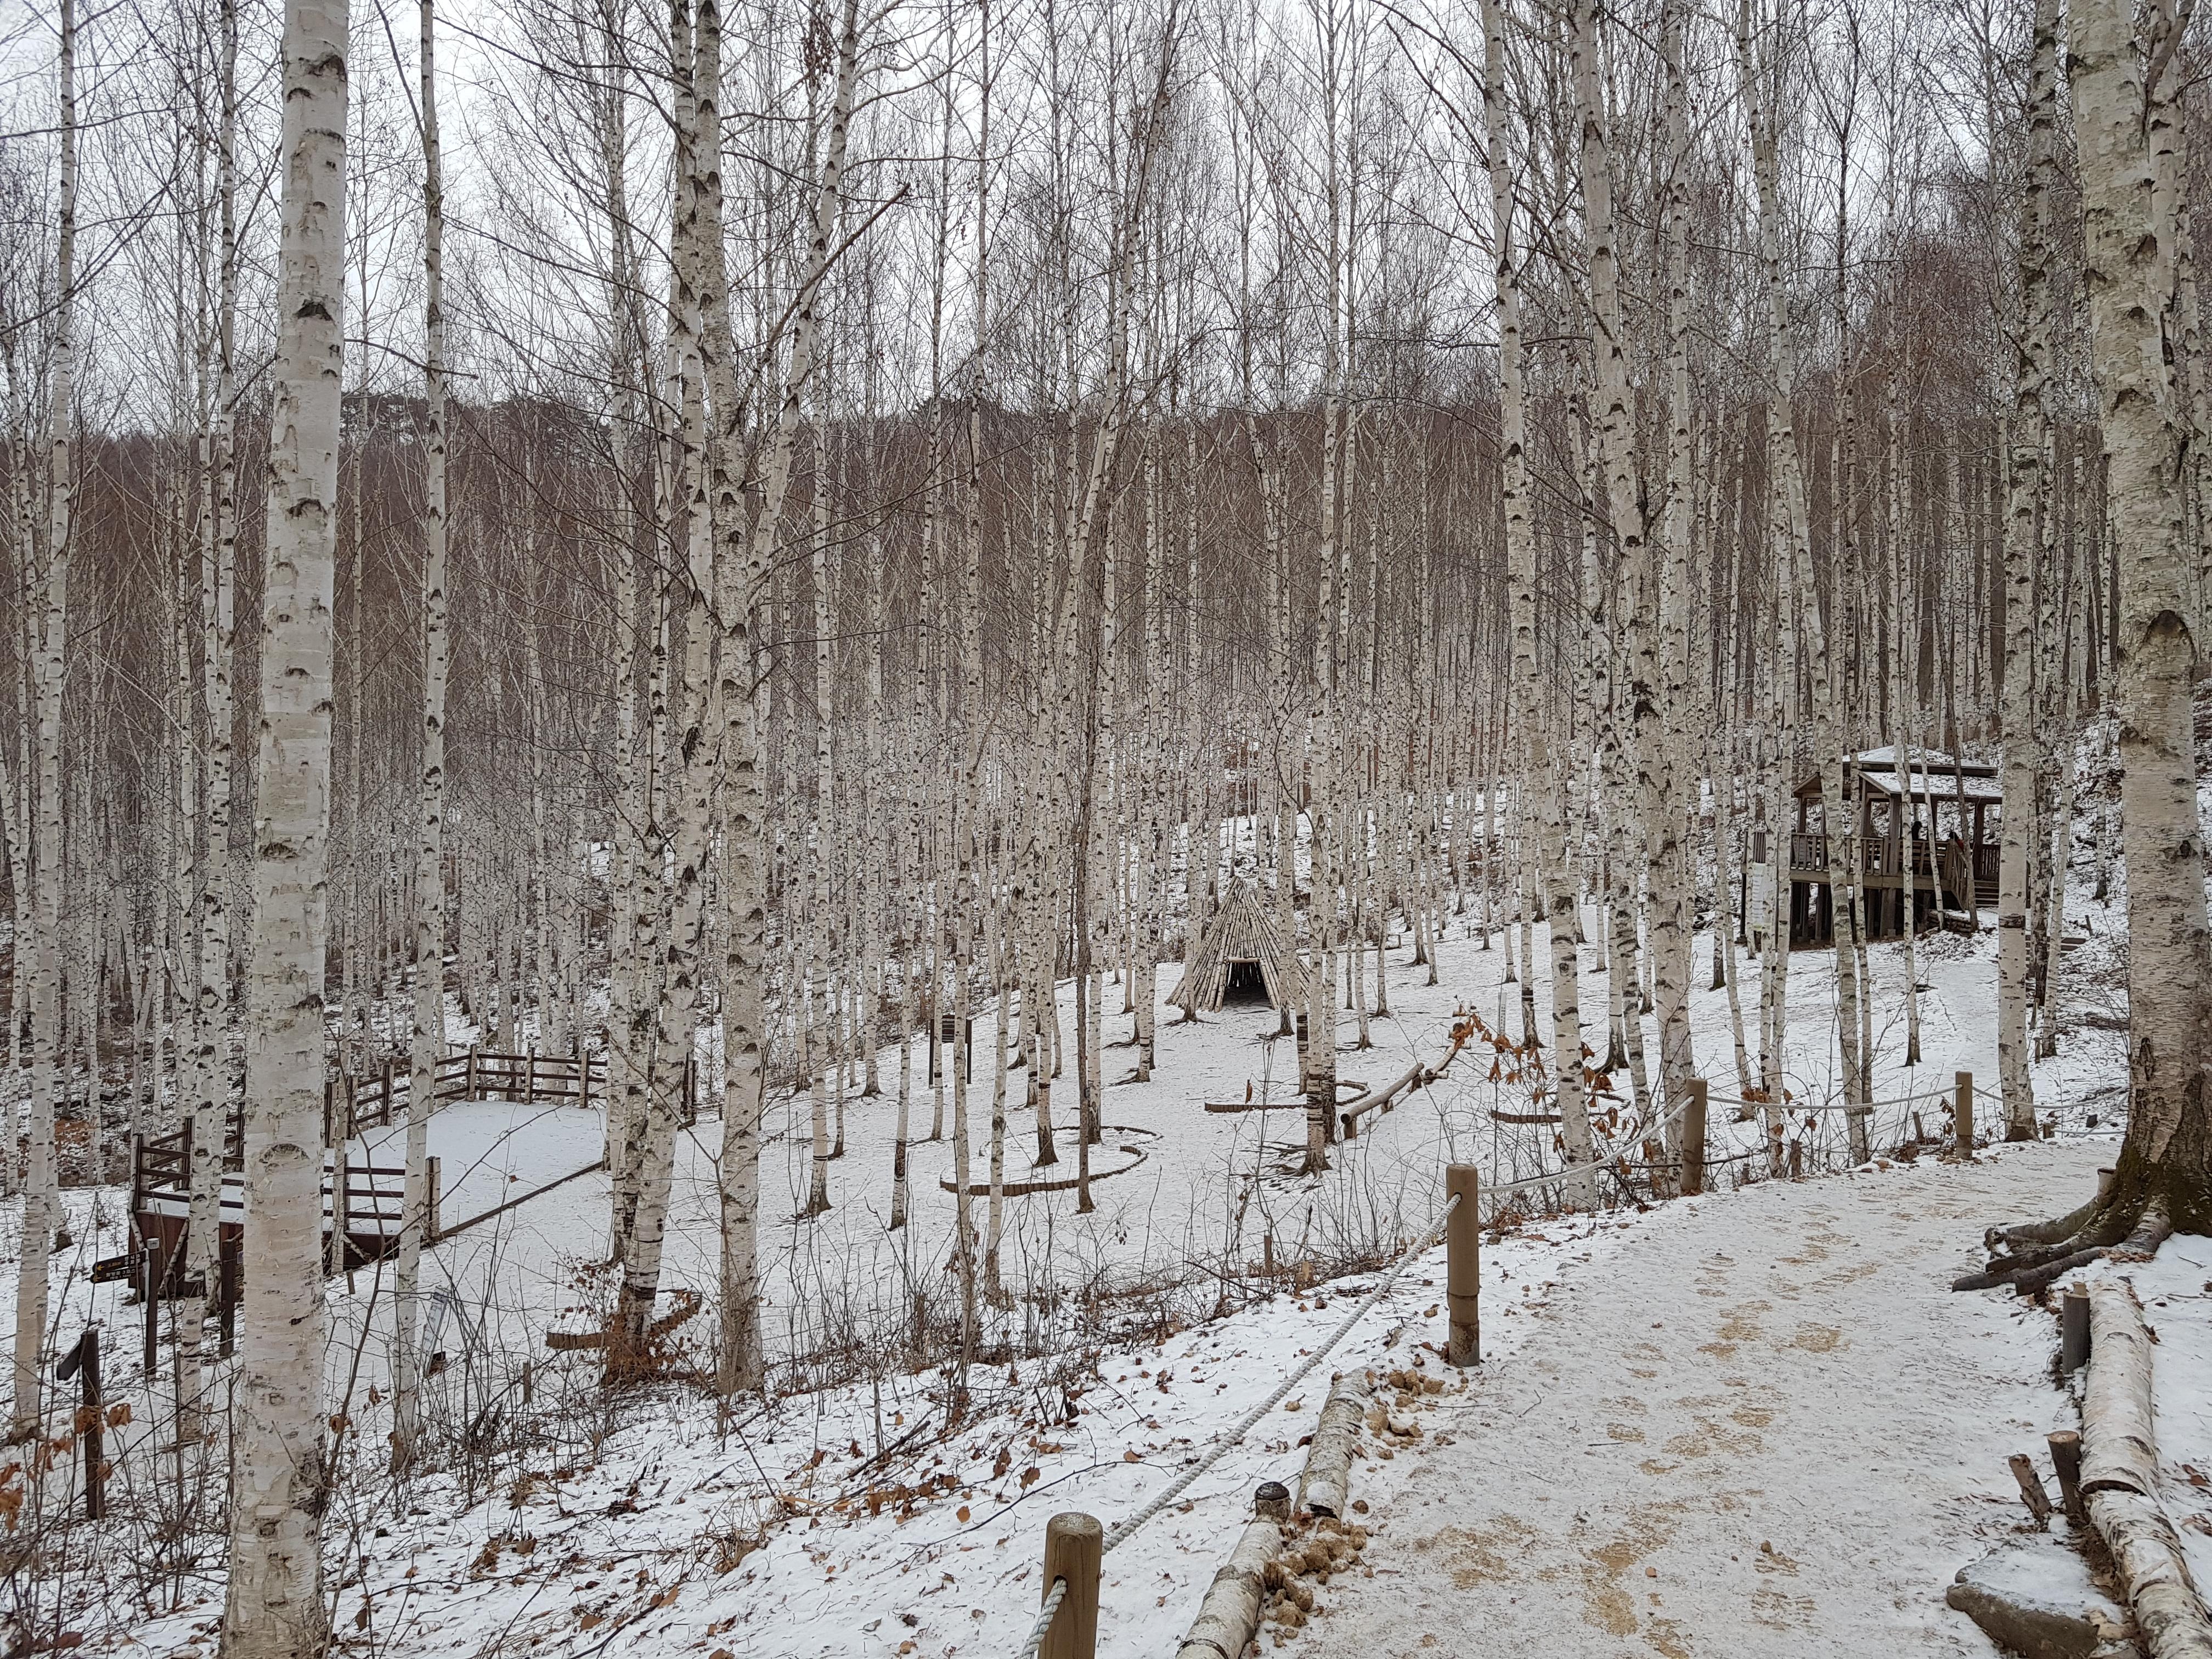 빅데이터가 말하는 인제 자작나무 숲의 인기 비결 이미지2